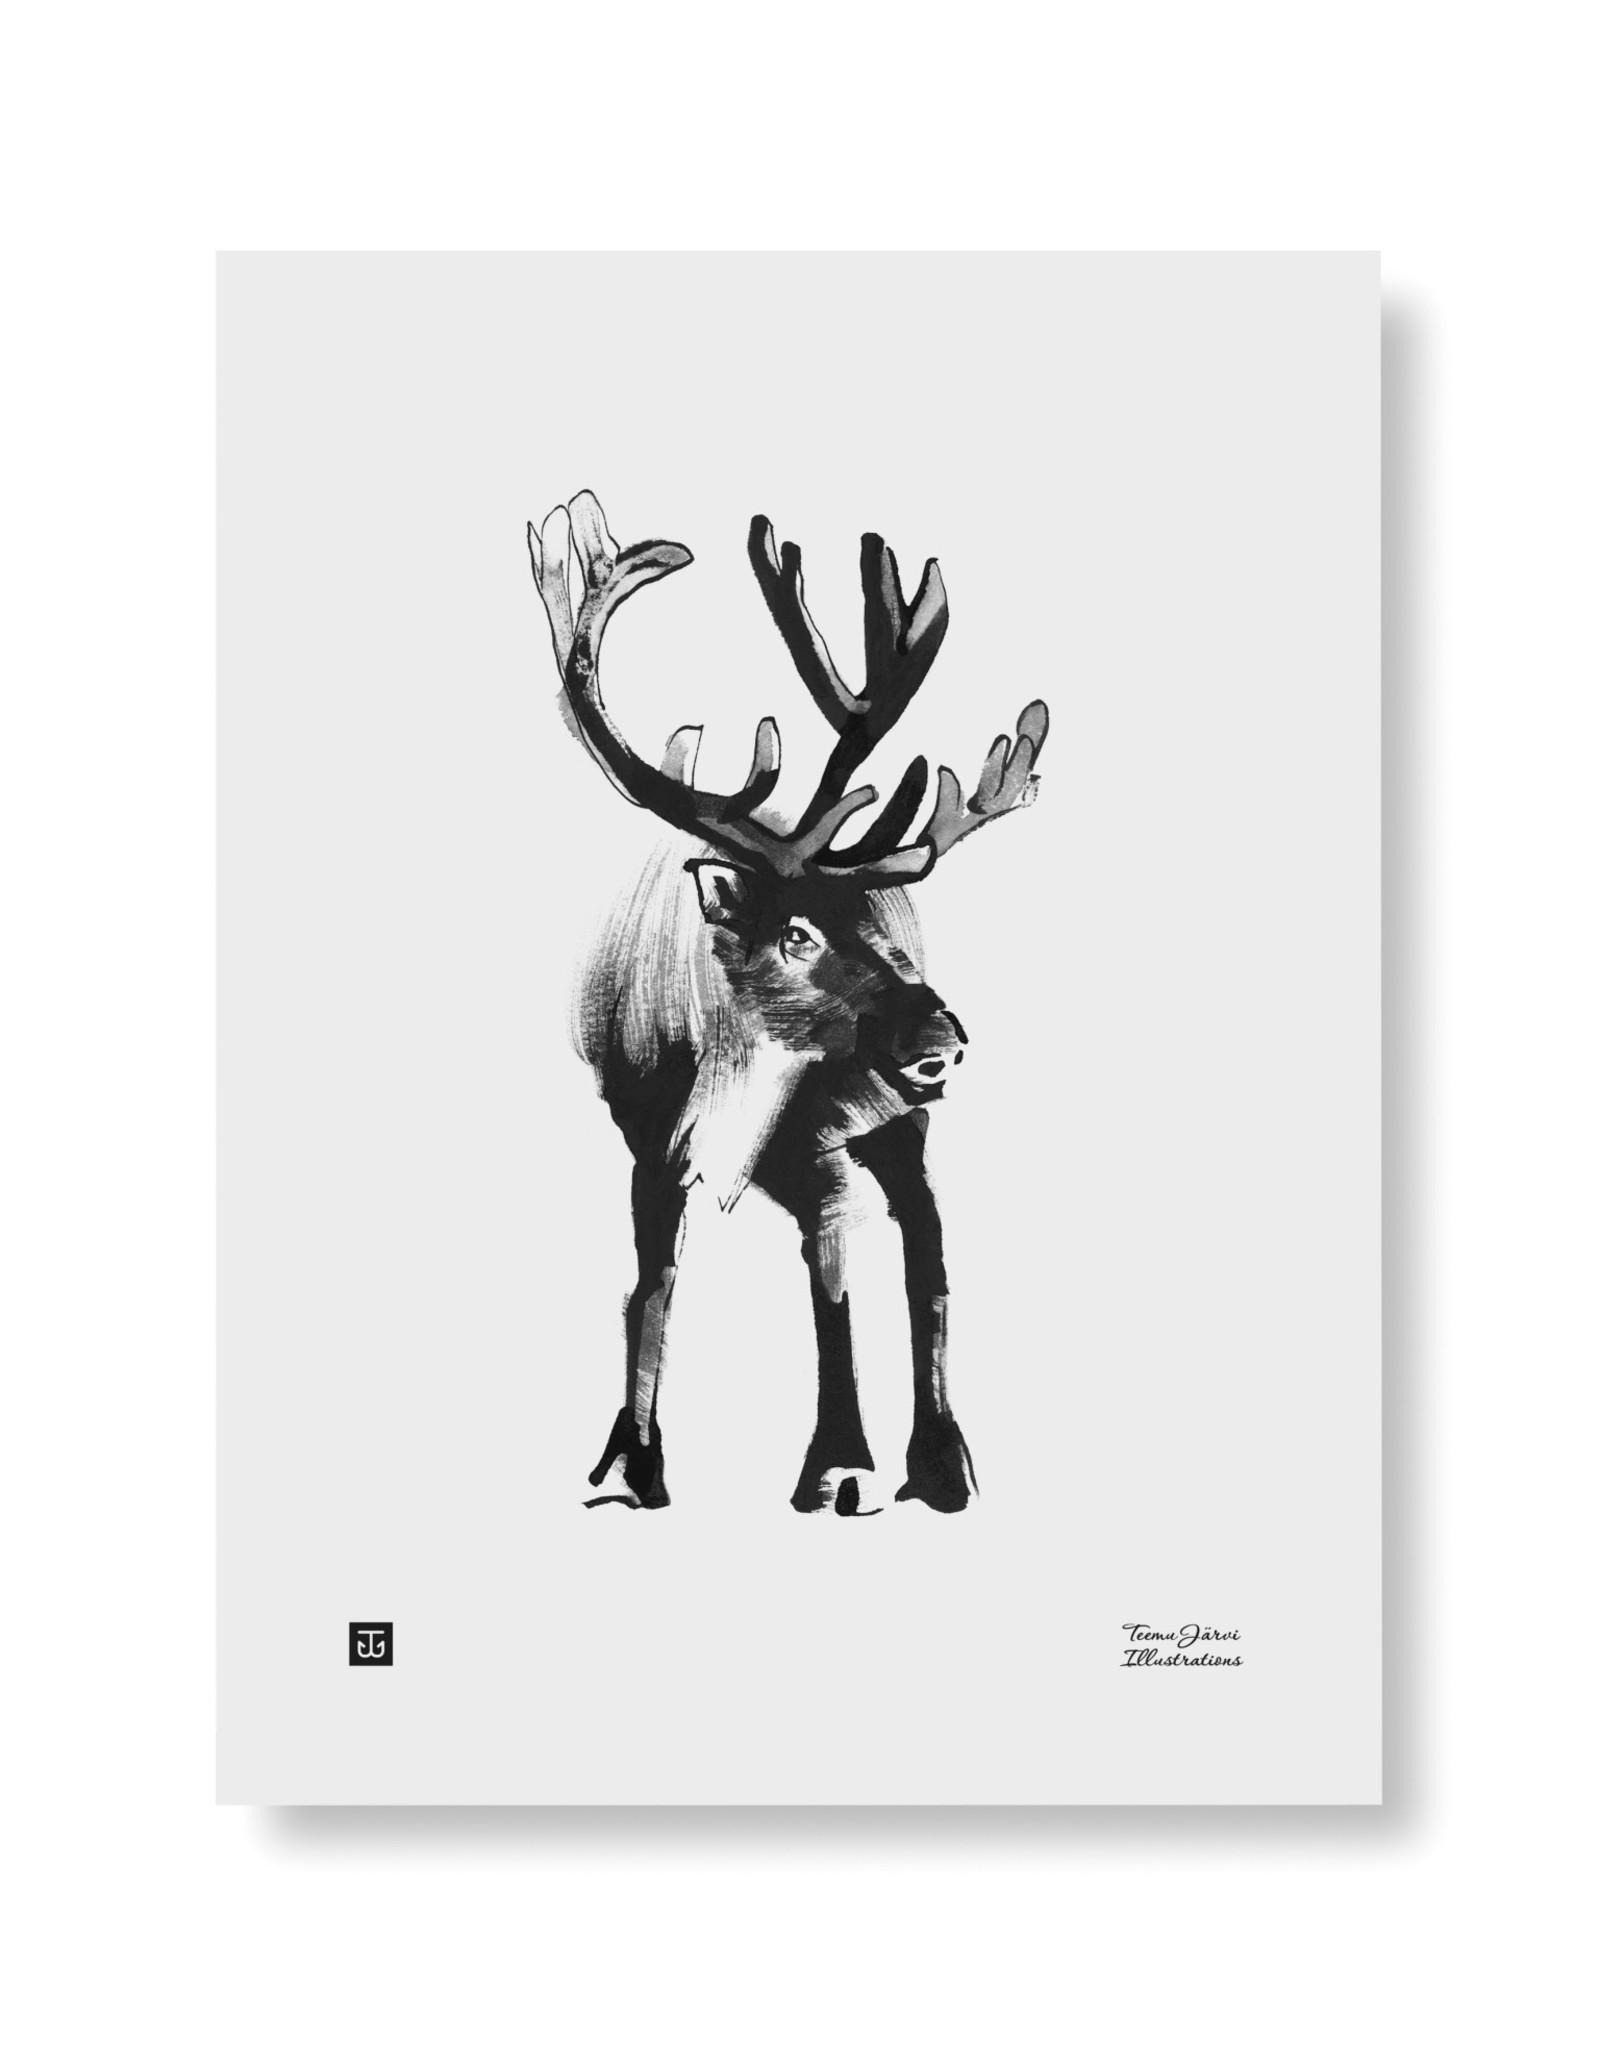 Teemu Jarvi Poster 'Reindeer' 30x40 cm